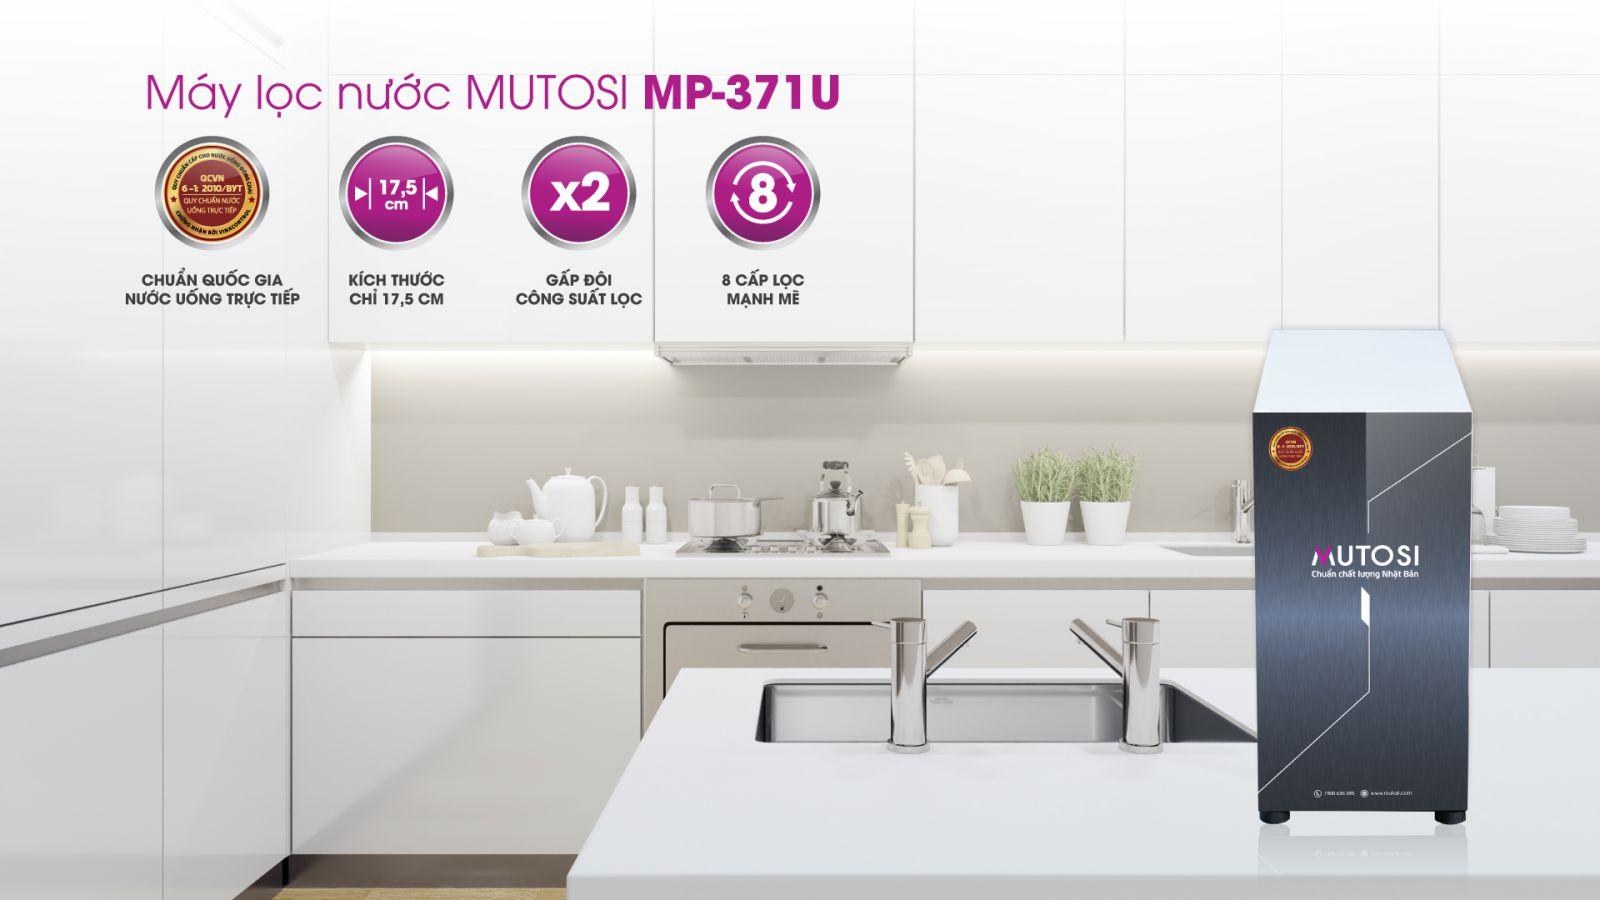 Máy lọc nước để gầm, Tủ bếp 7 lõi Mutosi MP-371U